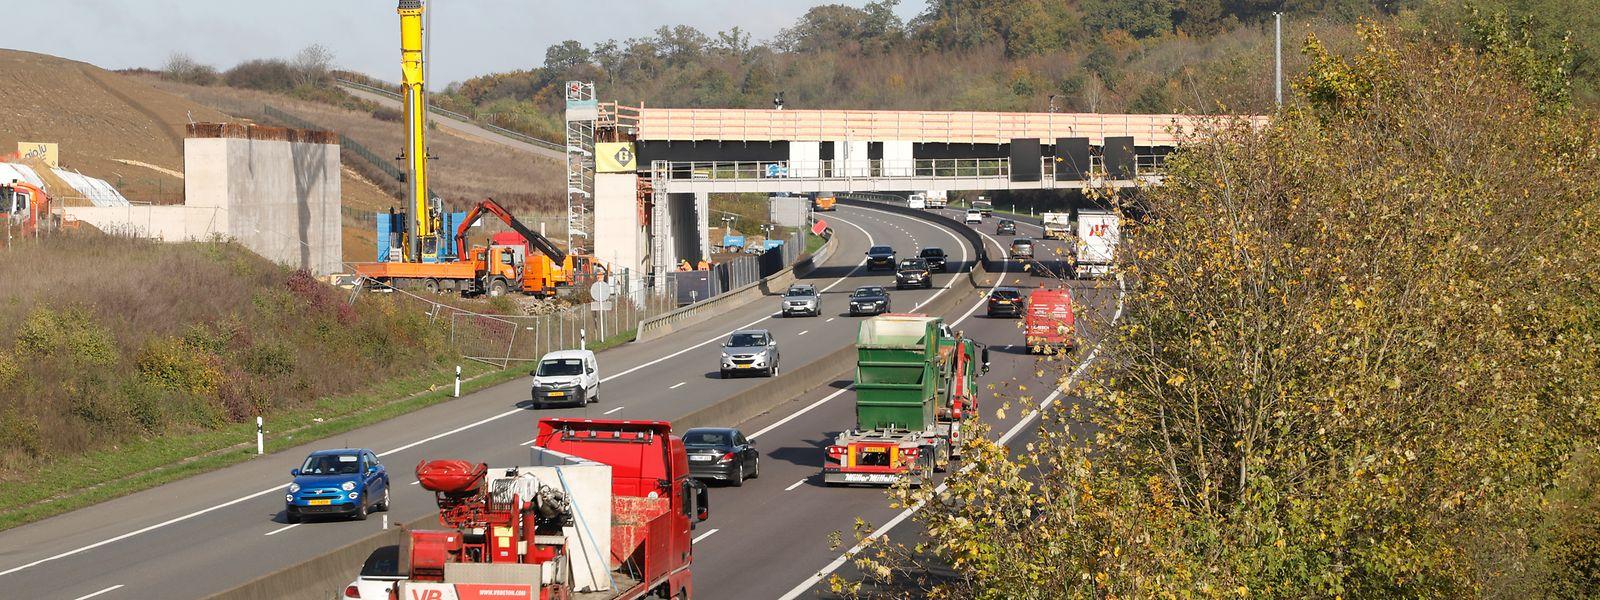 Après un premier week-end de travaux, les CFL vont achever les chantiers au-dessus de l'autoroute. Et quatre jours ne sont pas de trop.